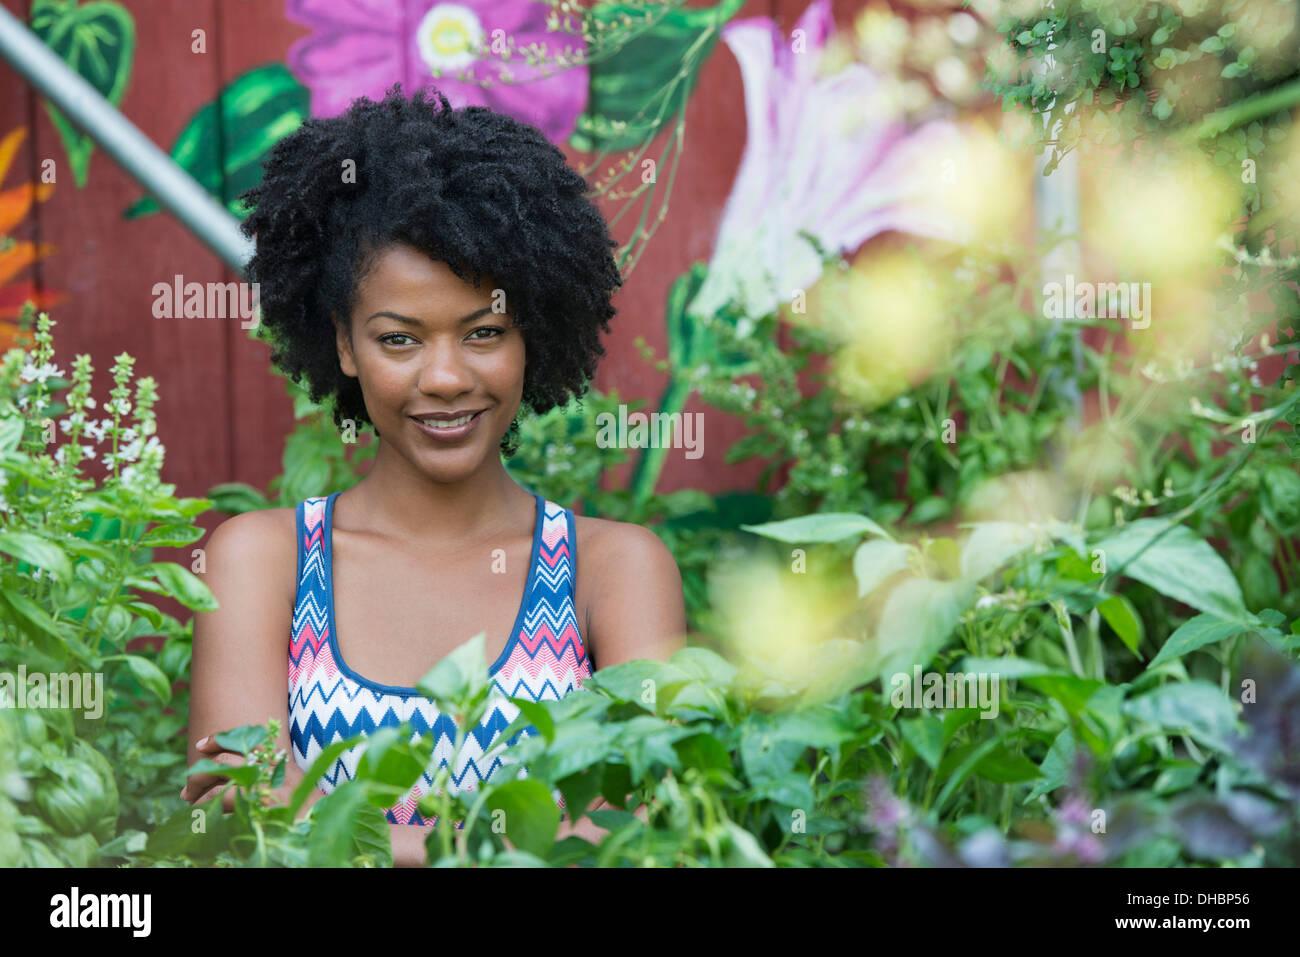 Una donna in piedi in un vivaio, circondato da piante e fiori e fogliame. Immagini Stock